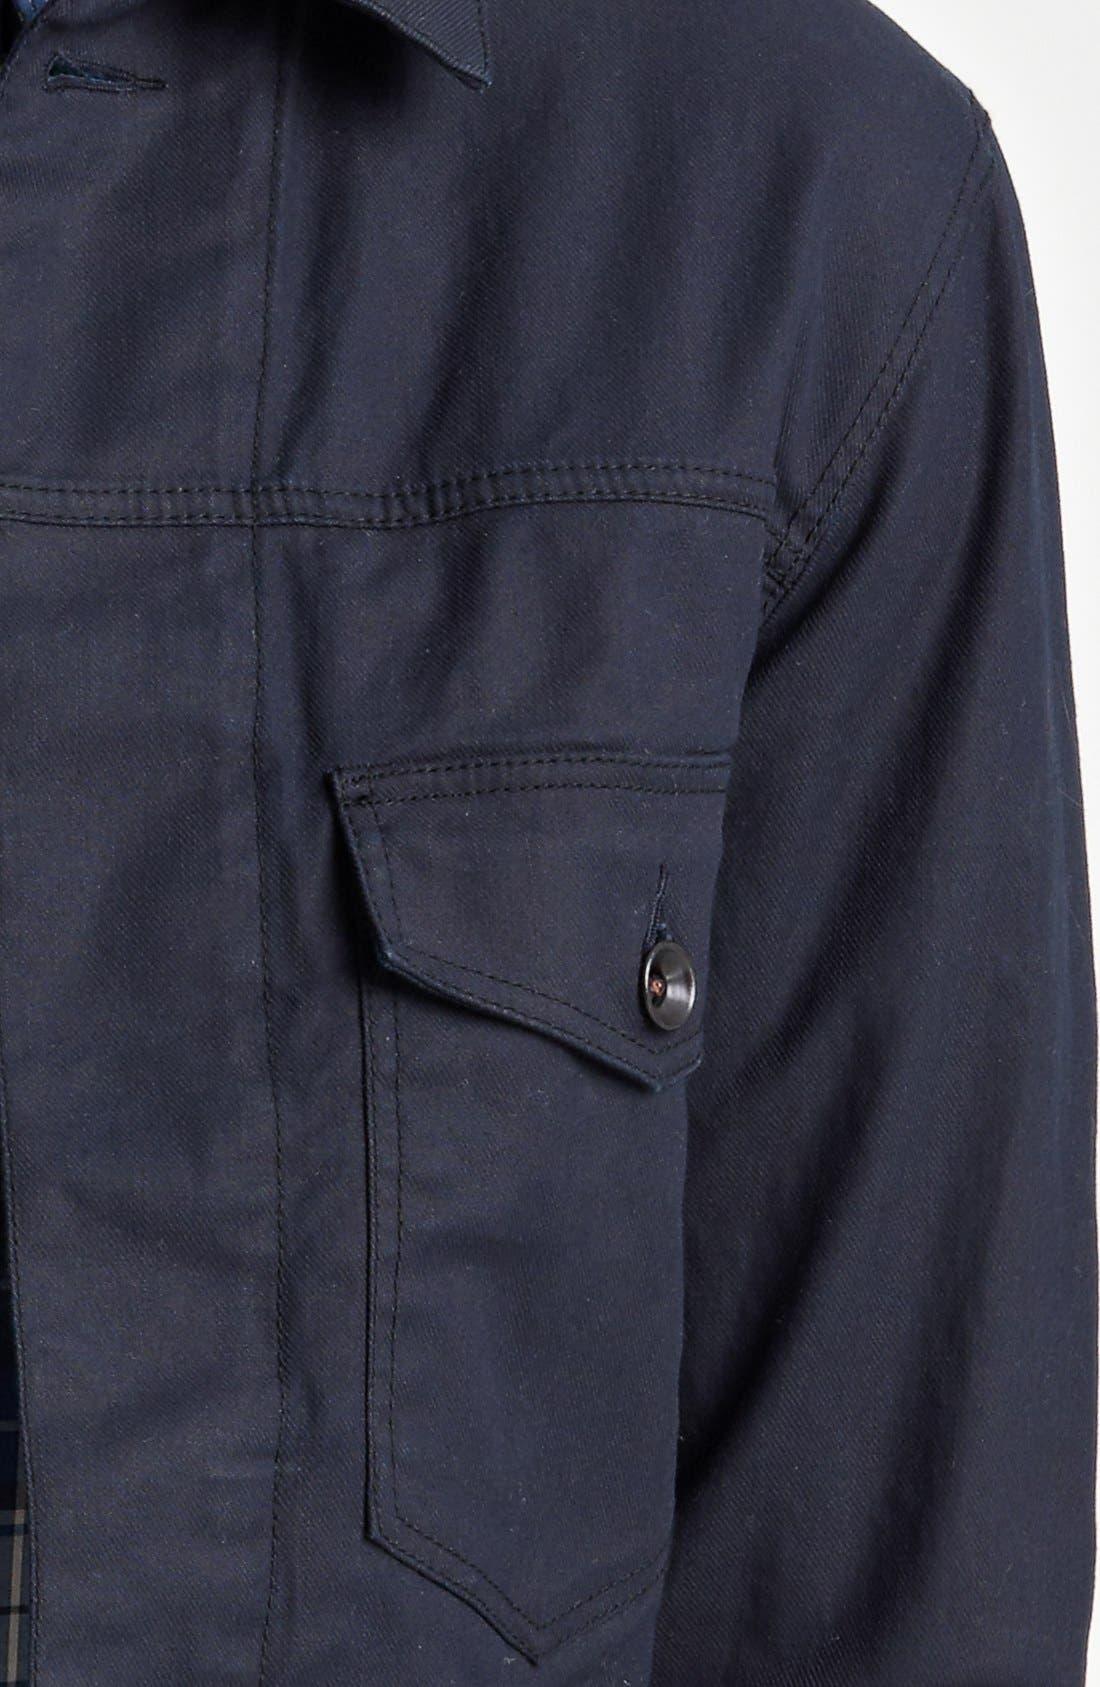 Alternate Image 3  - Todd Snyder Denim Jacket